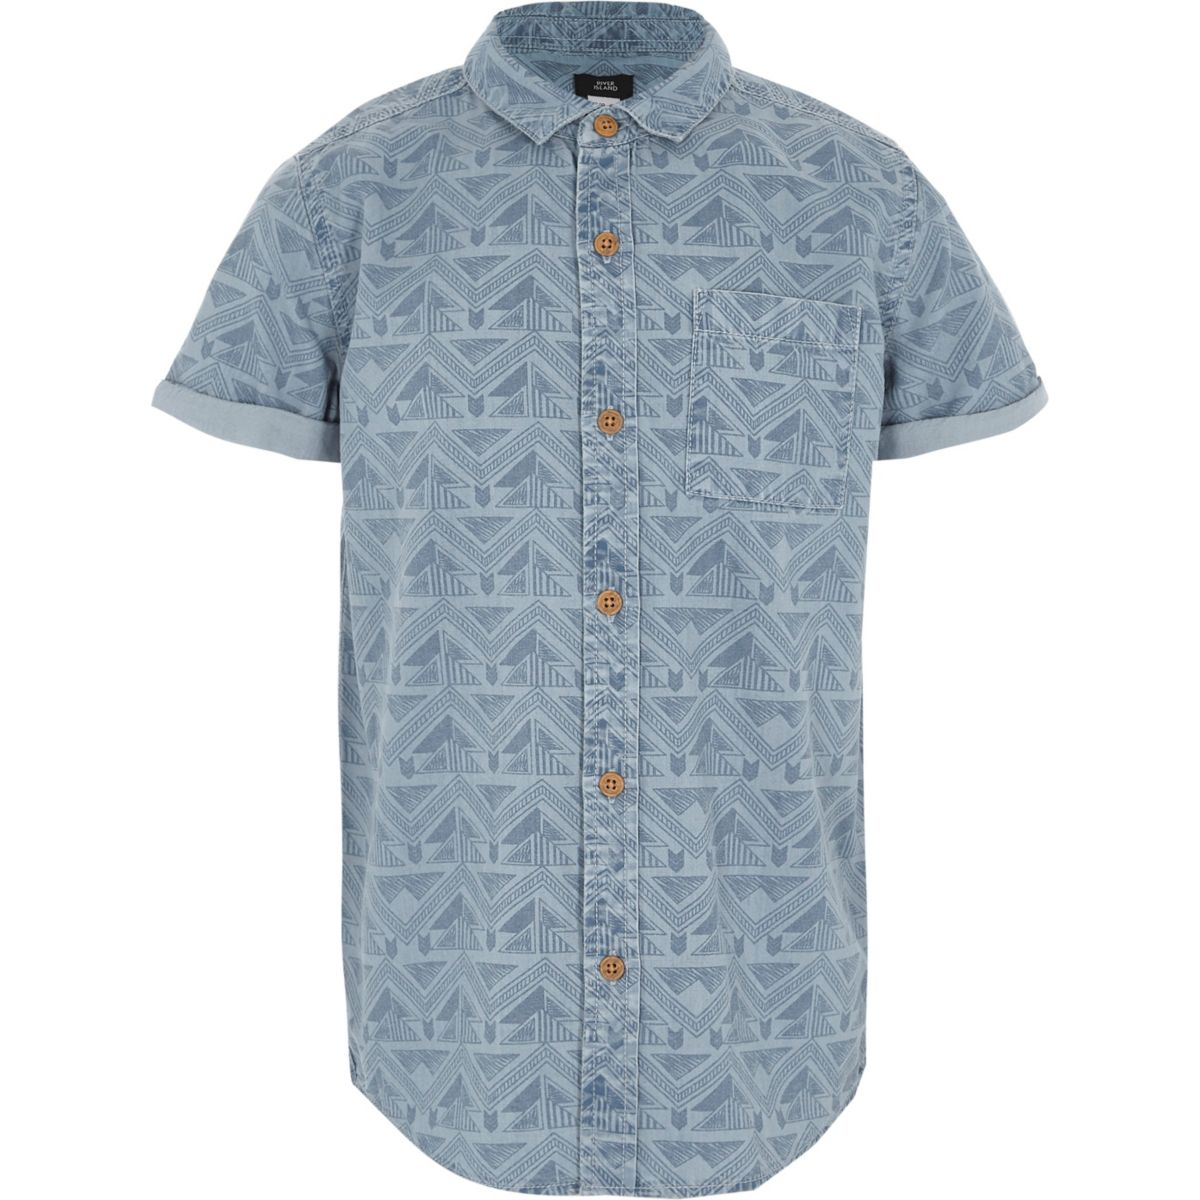 Chemise imprimé aztèque bleue à manches courtes pour garçon